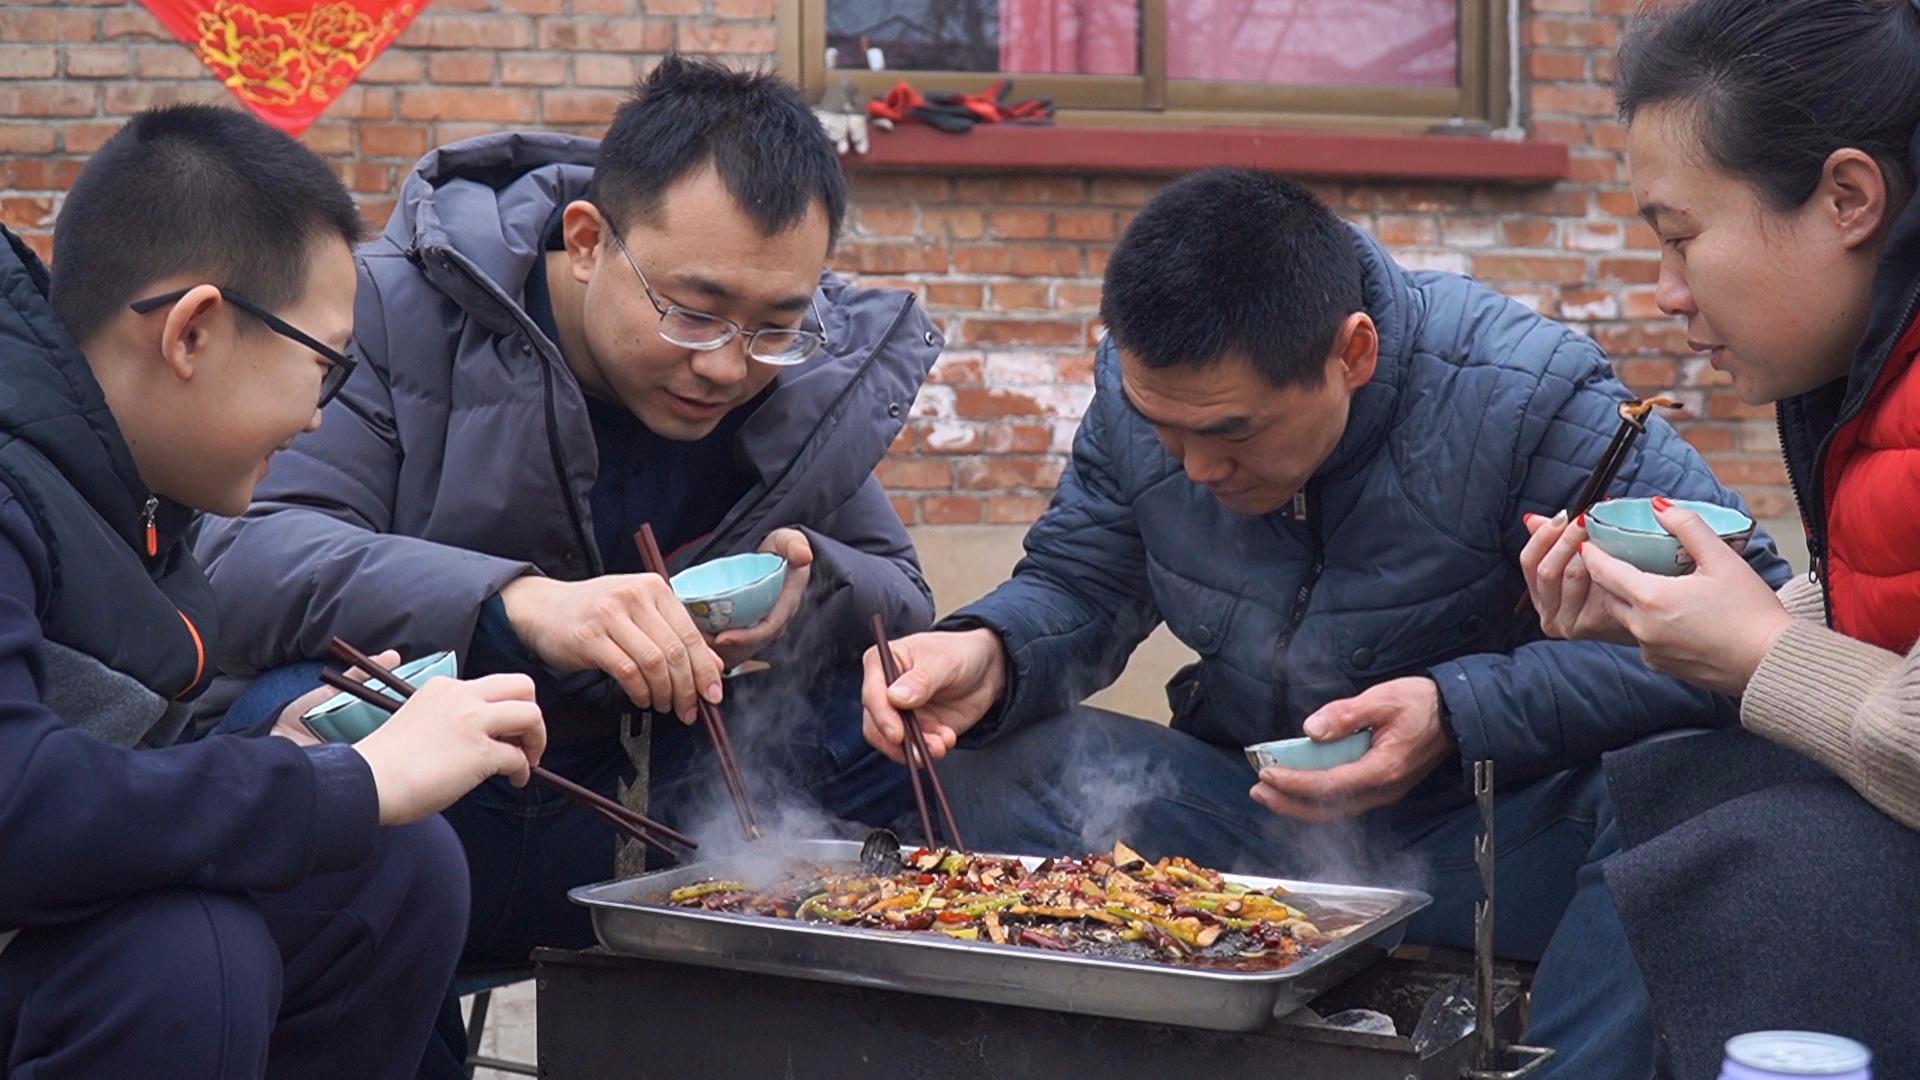 阿远今天做炭烤石斑鱼吃,四人围着烤炉,辣的冒汗,吃的过瘾